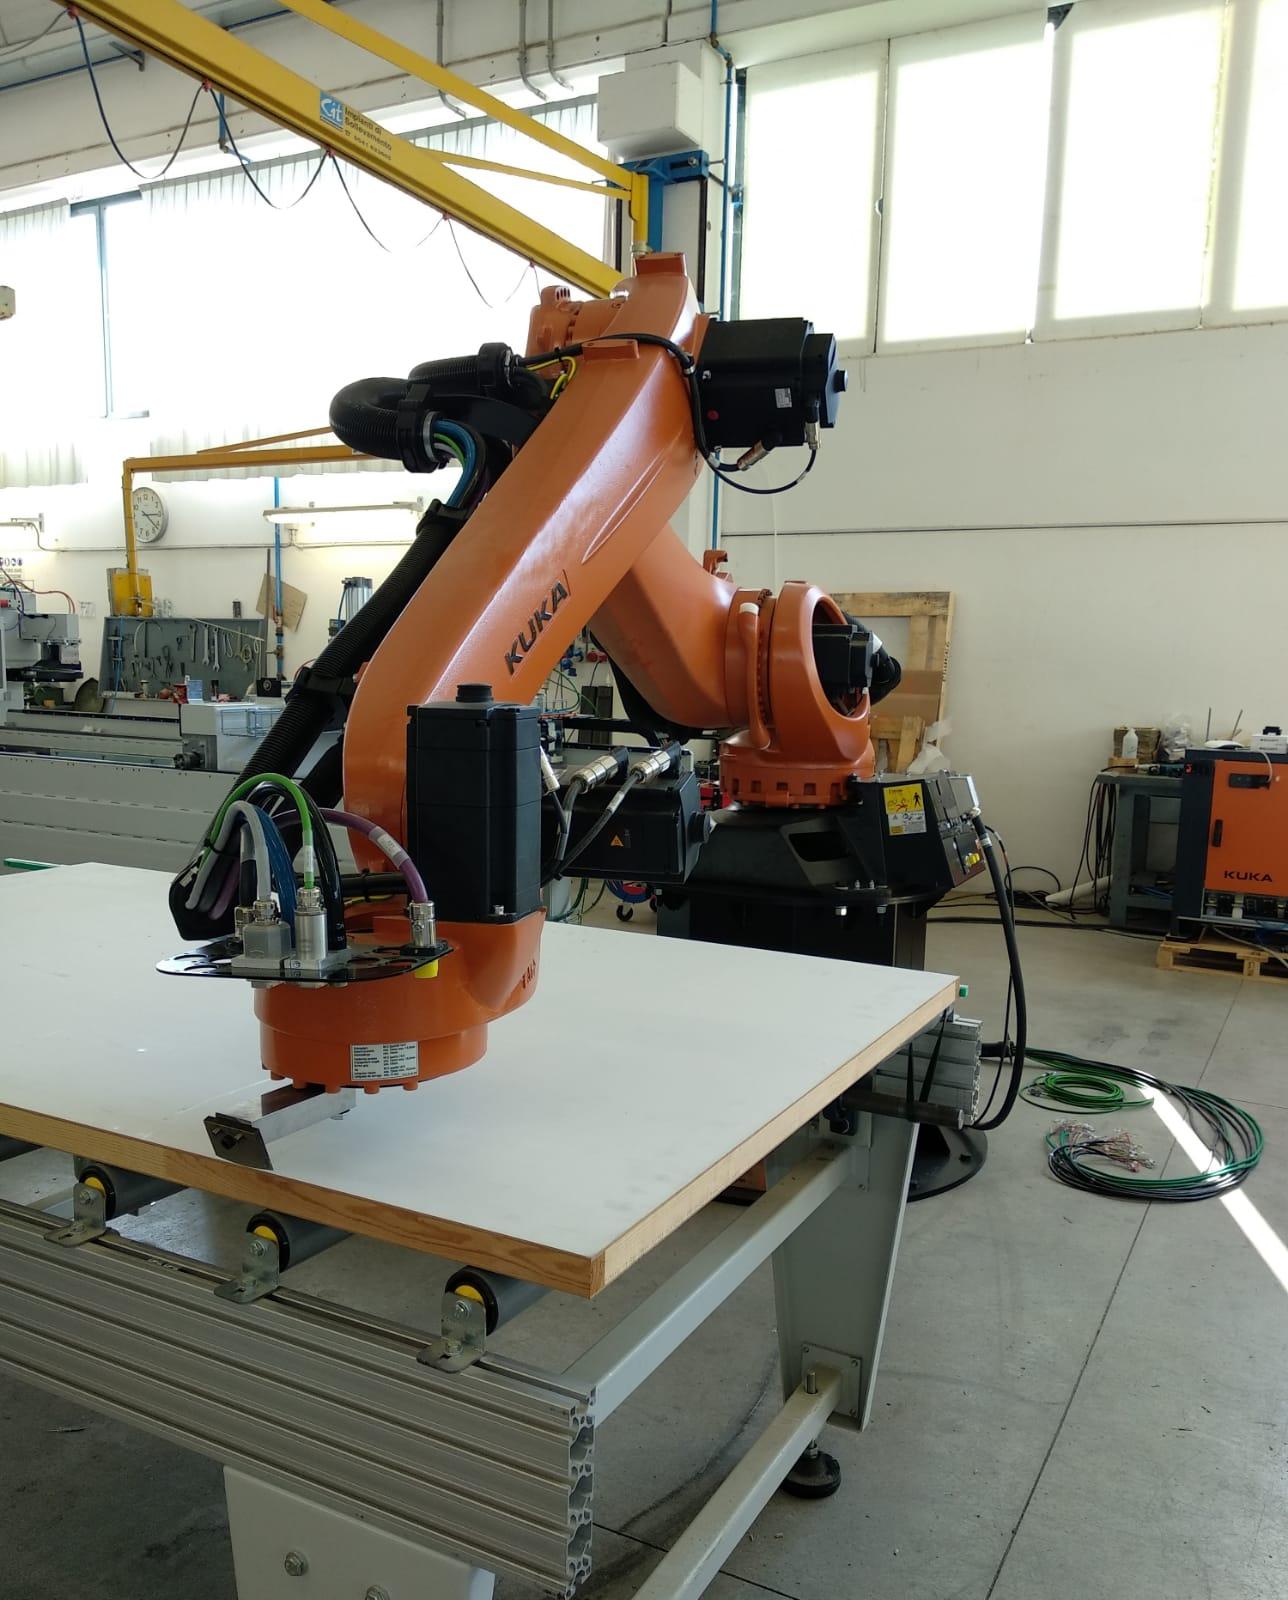 new machinery with Kuka robots